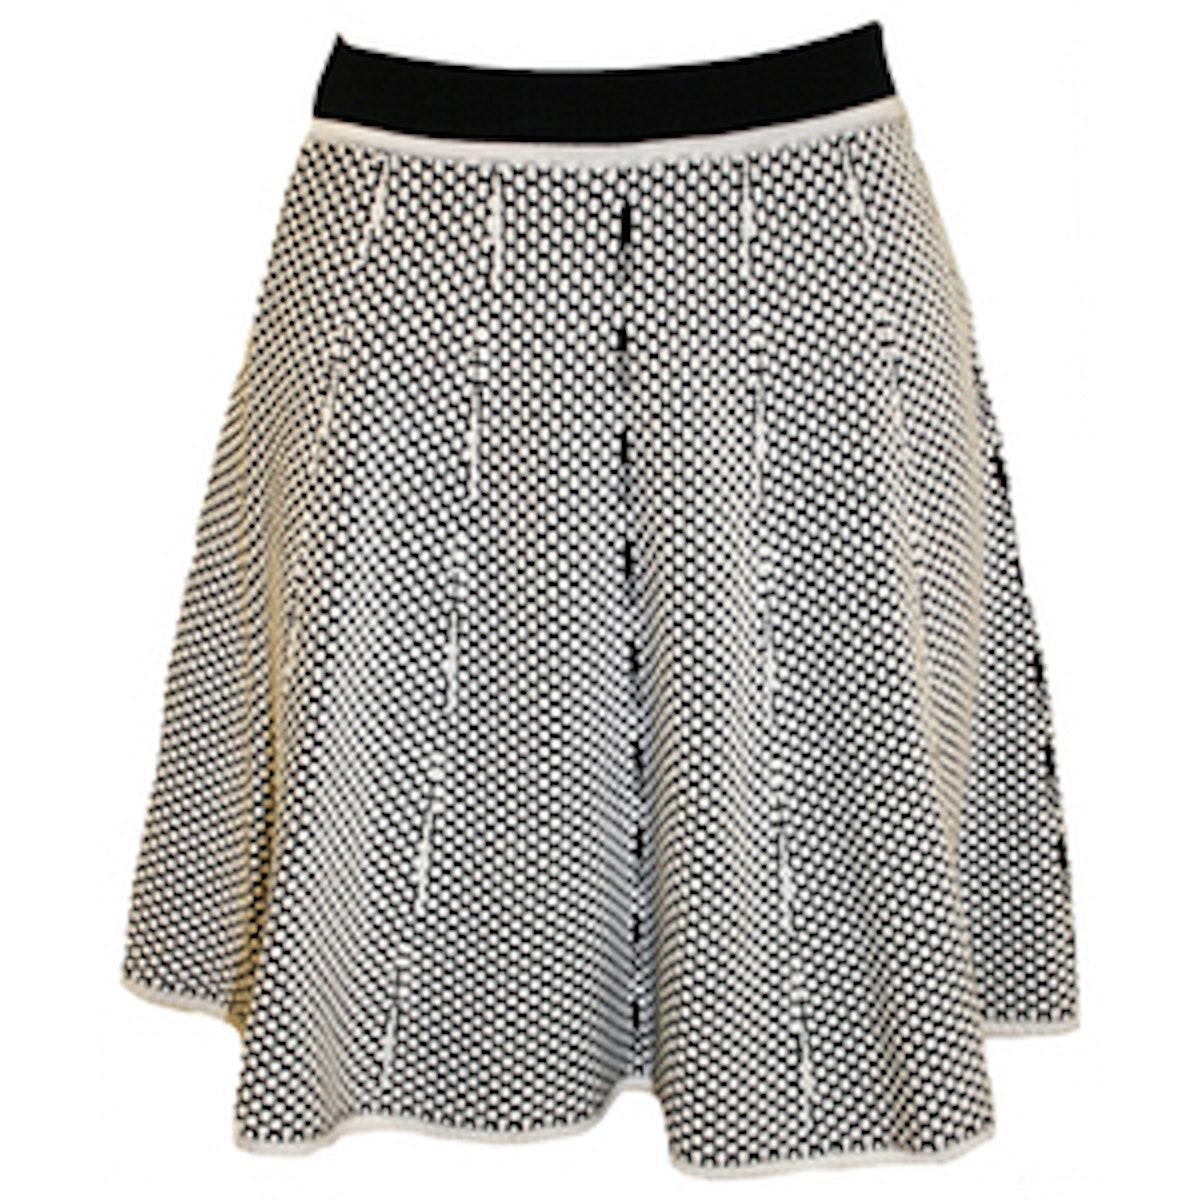 Polka Dot Skater Skirt